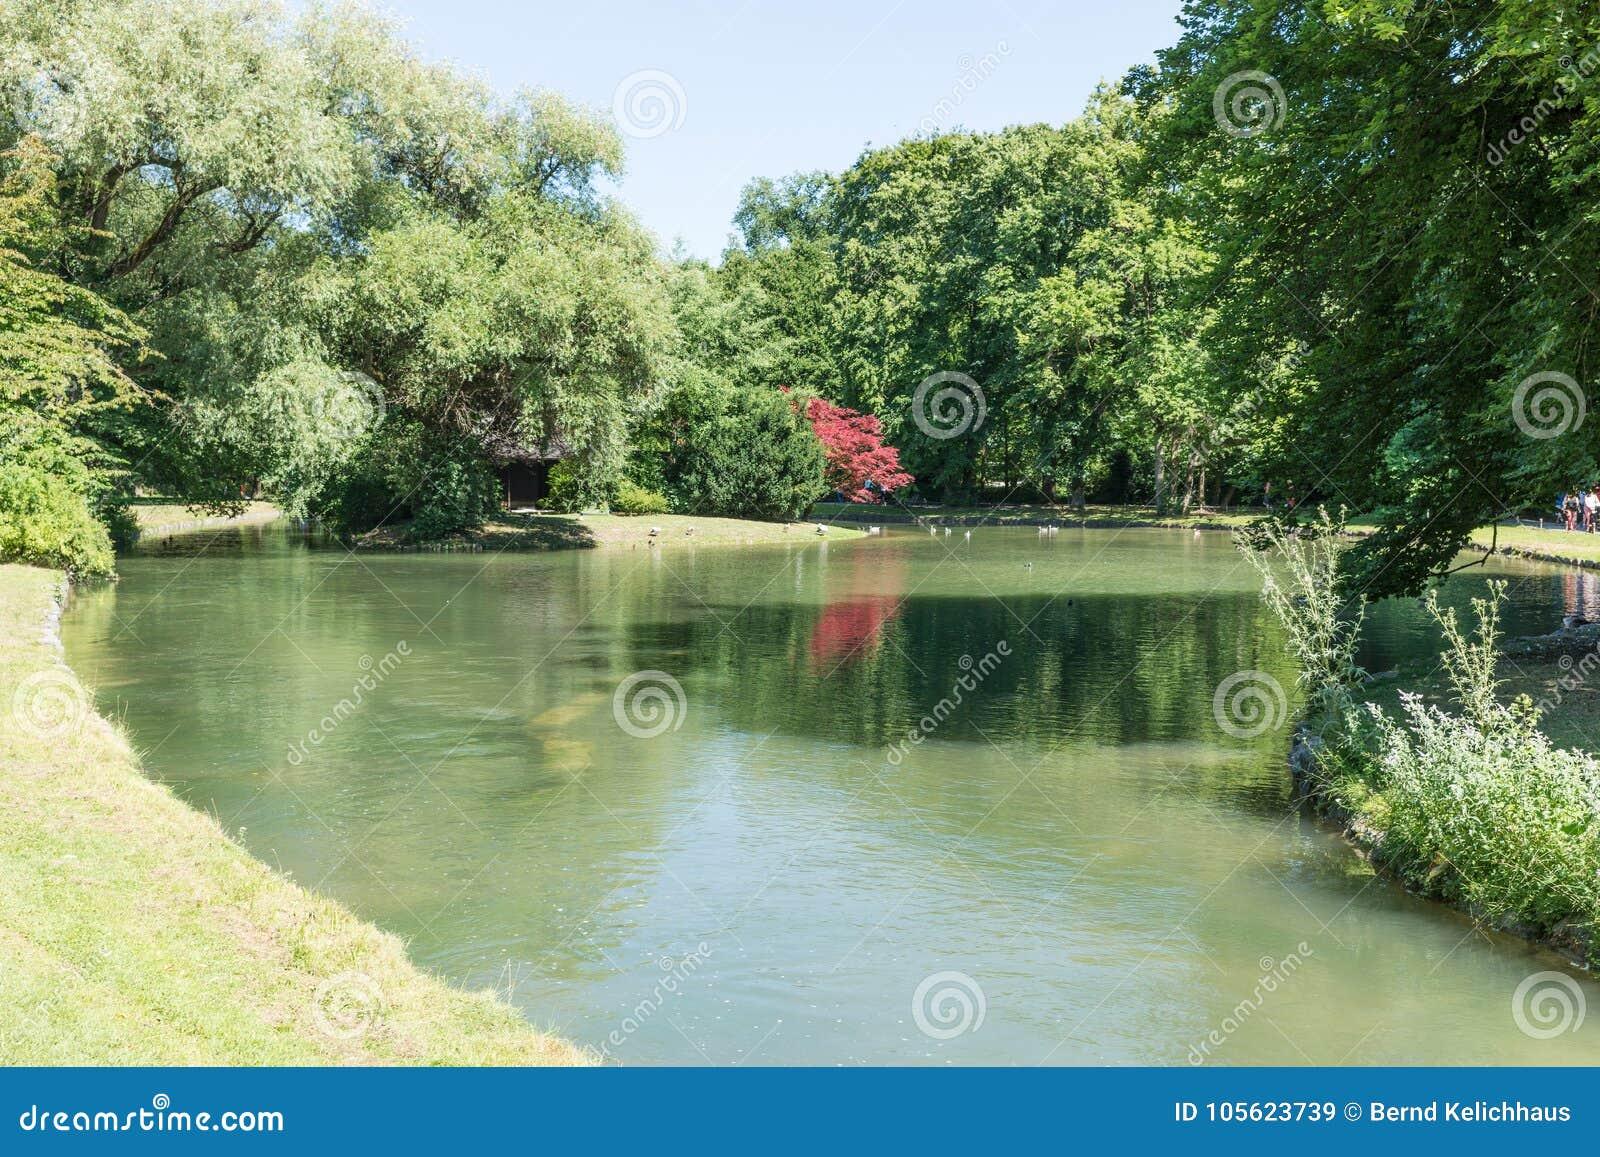 The English Garden Englischer Garten With River Large Public Park